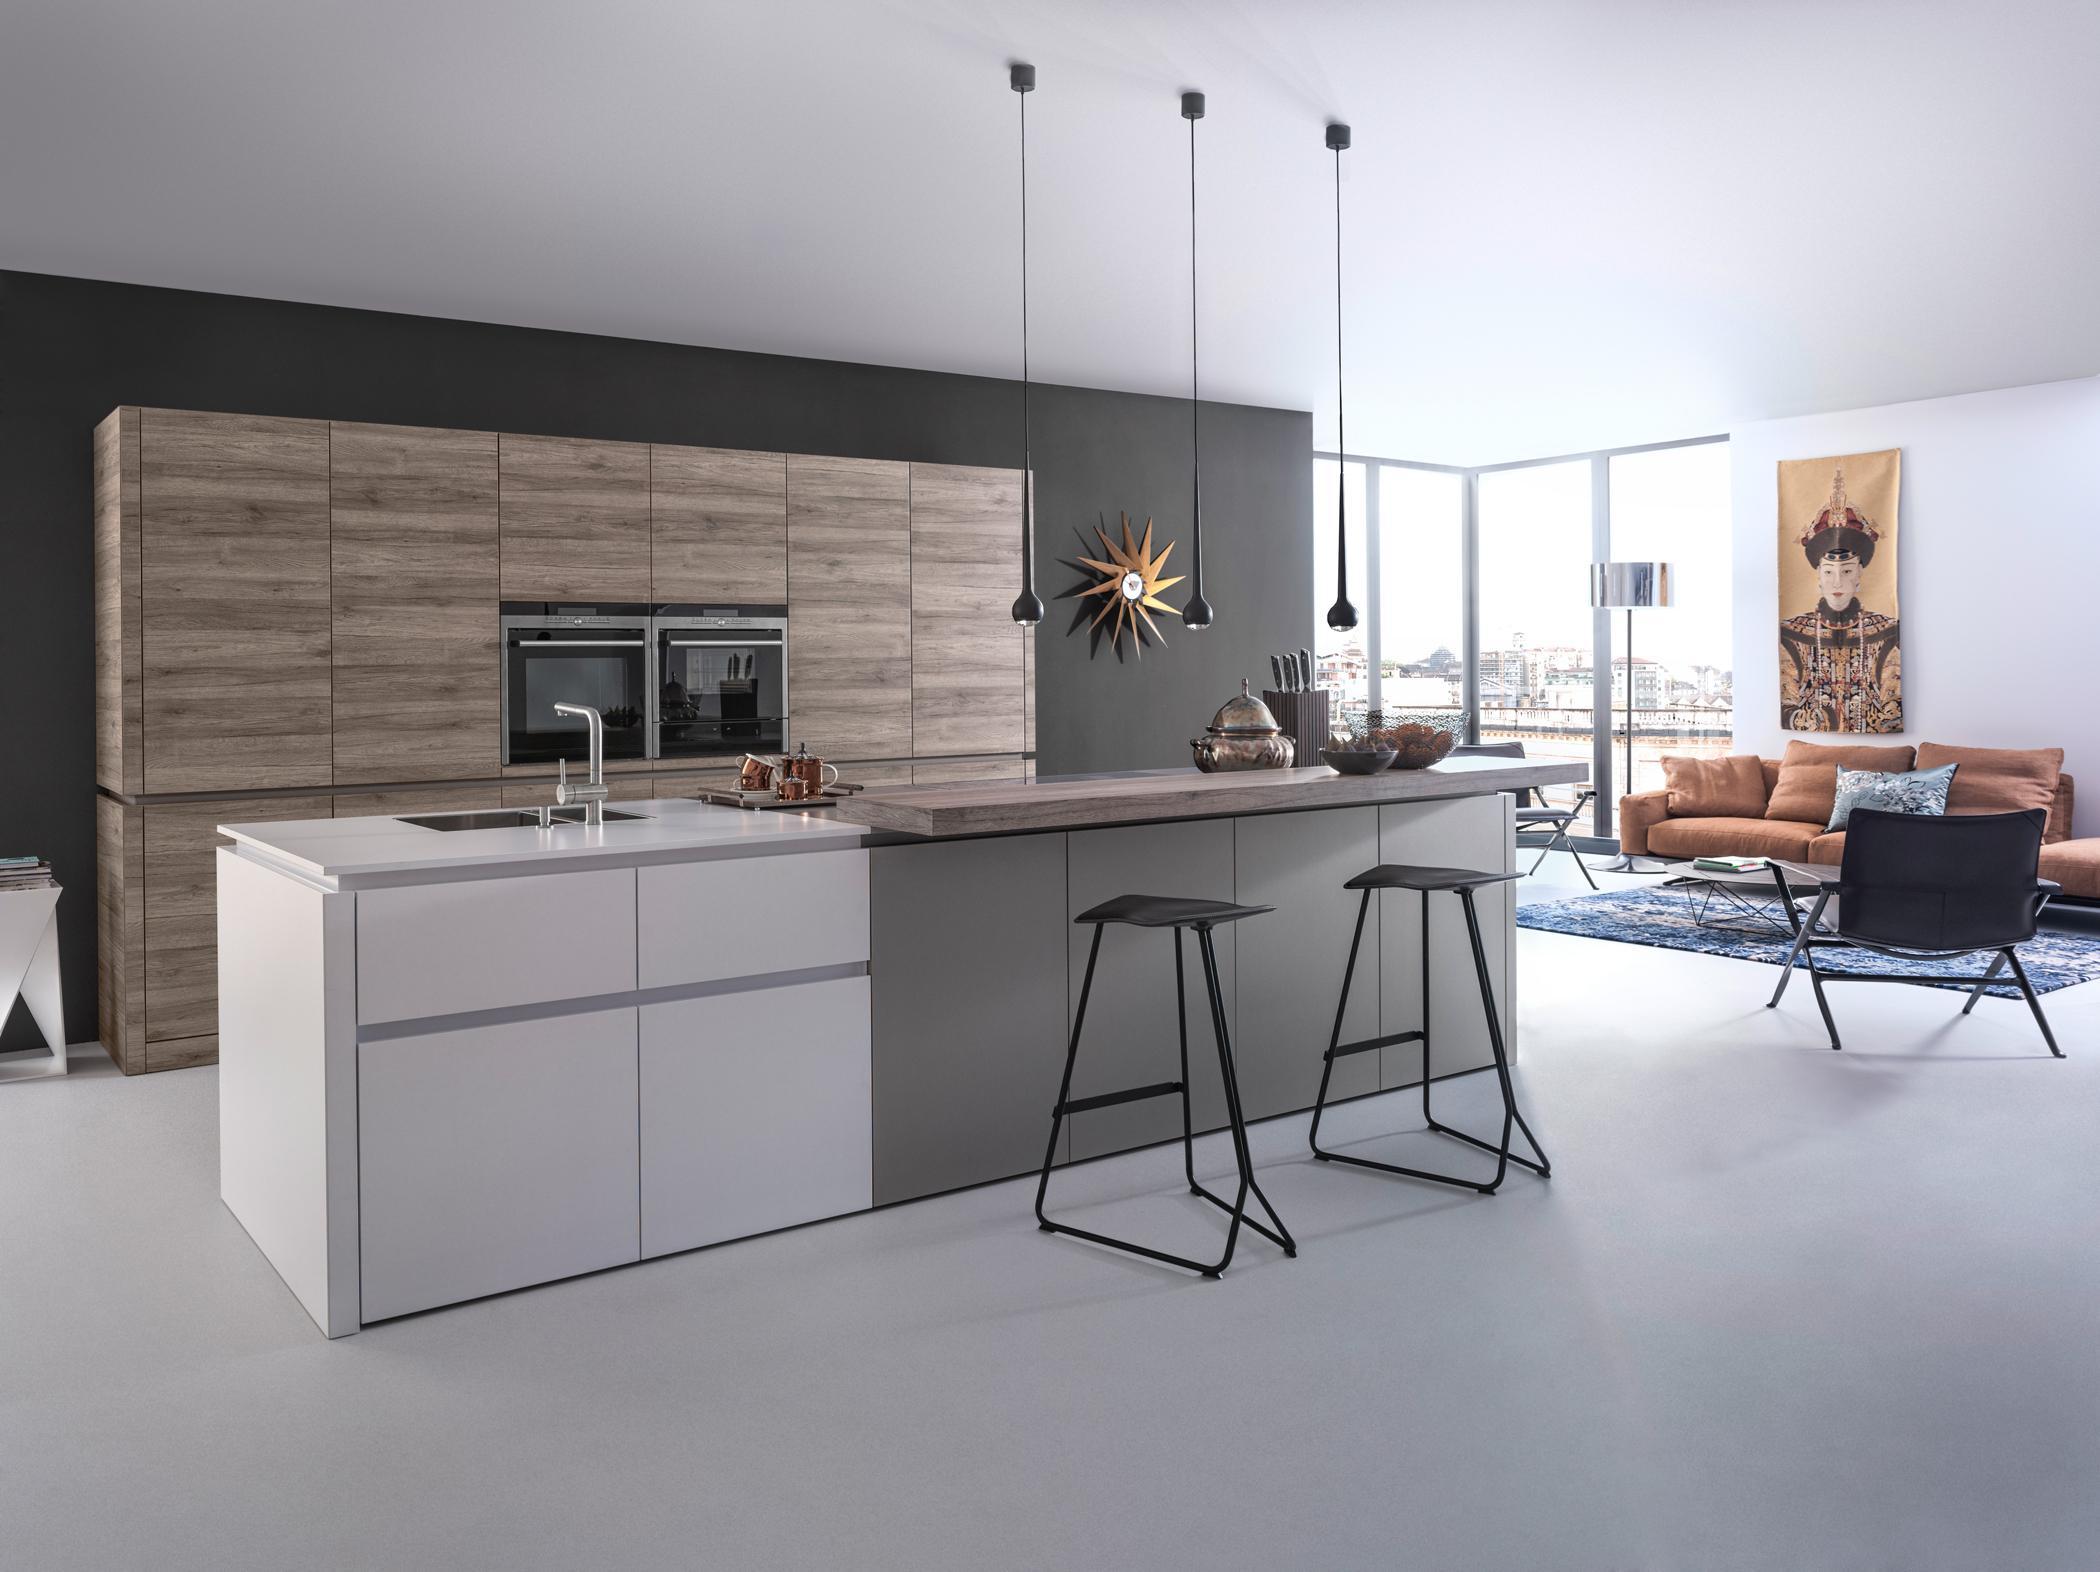 graue küche • bilder ideen • couchstyle